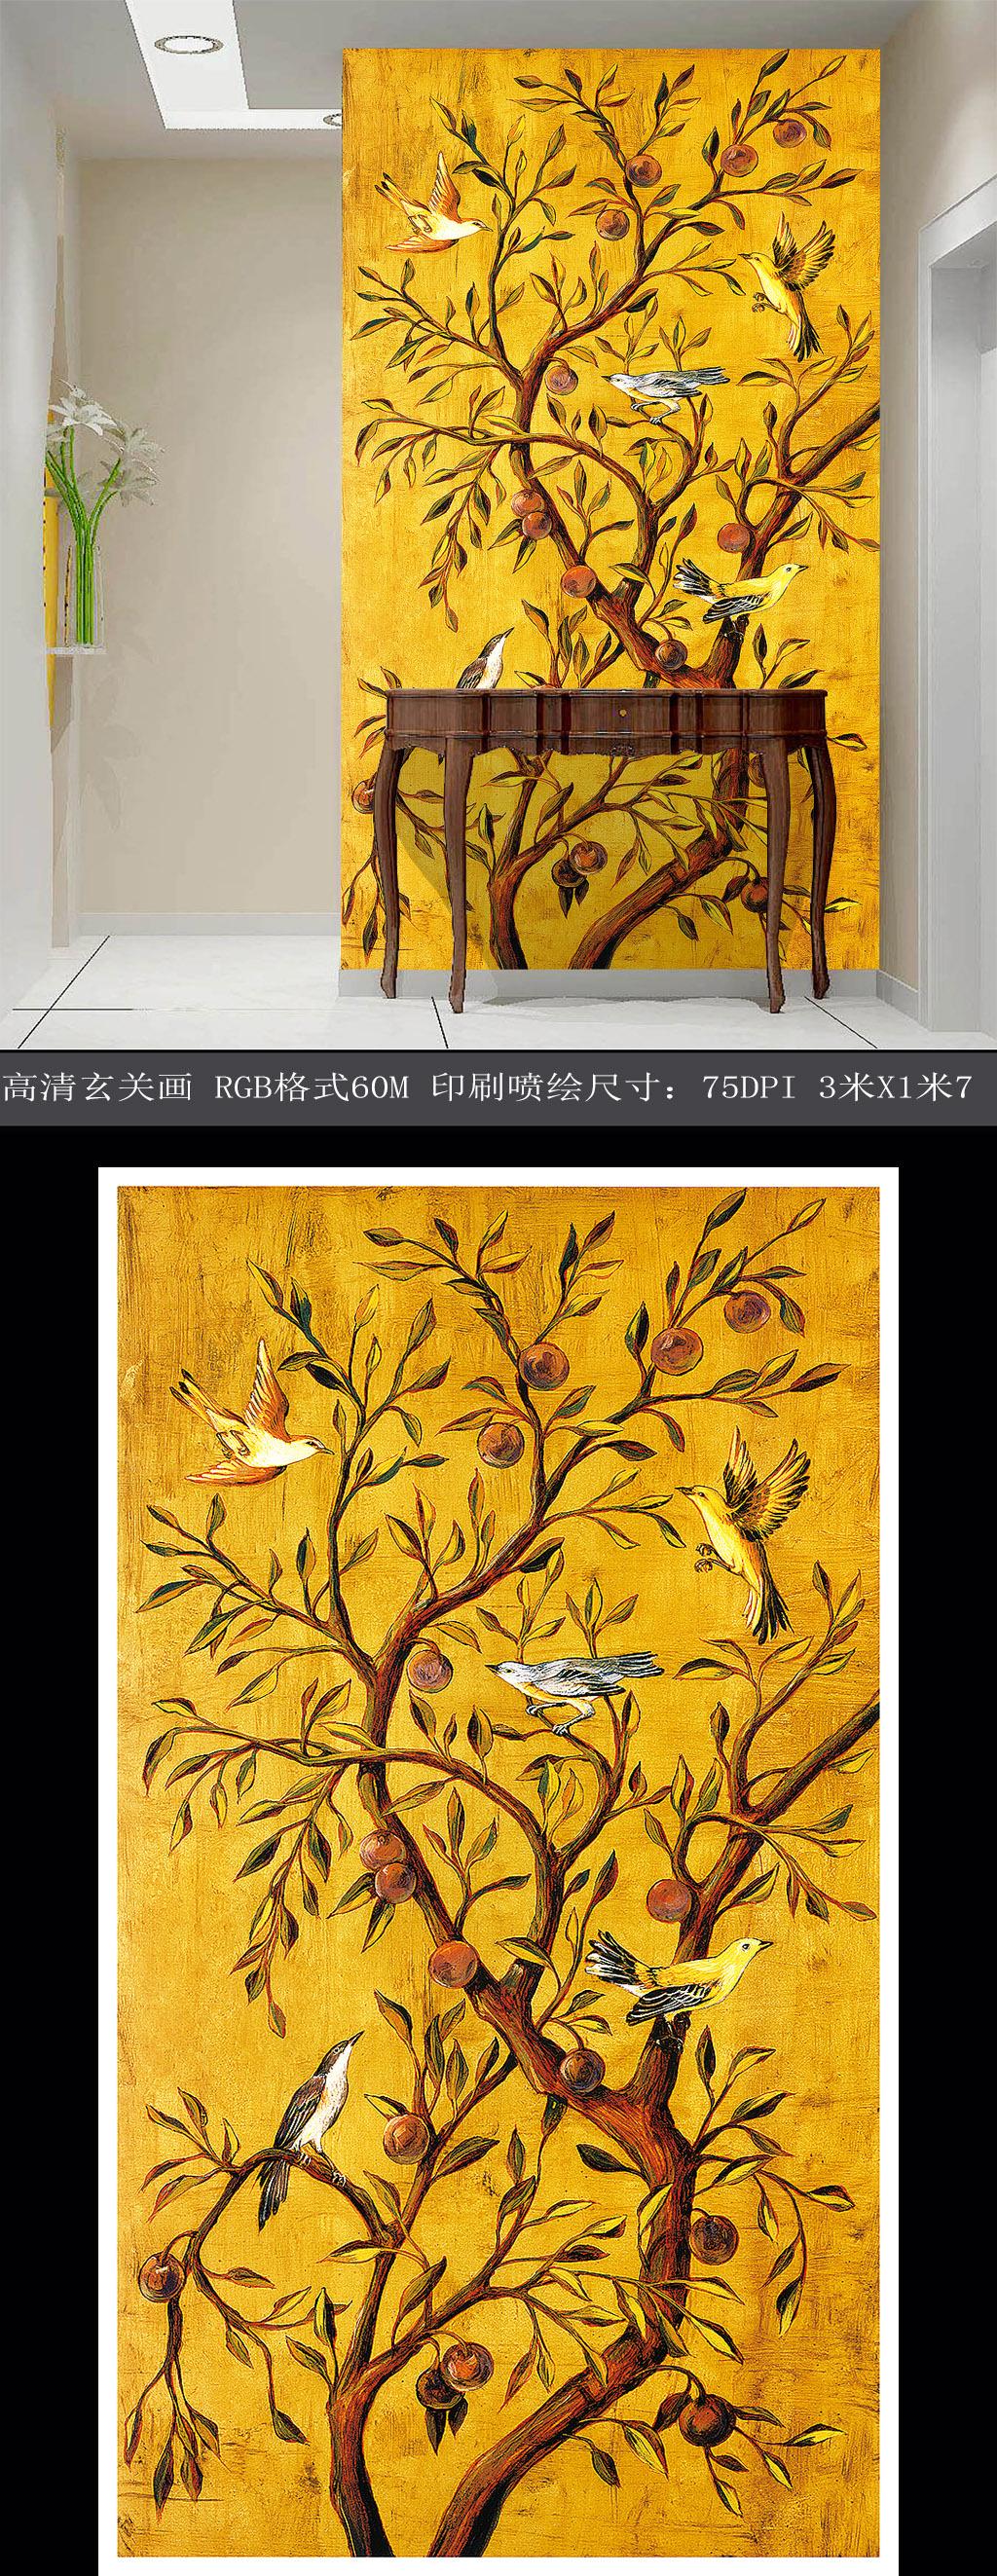 花鸟山水中国画壁画模板下载 花鸟山水中国画壁画图片下载 金黄动物